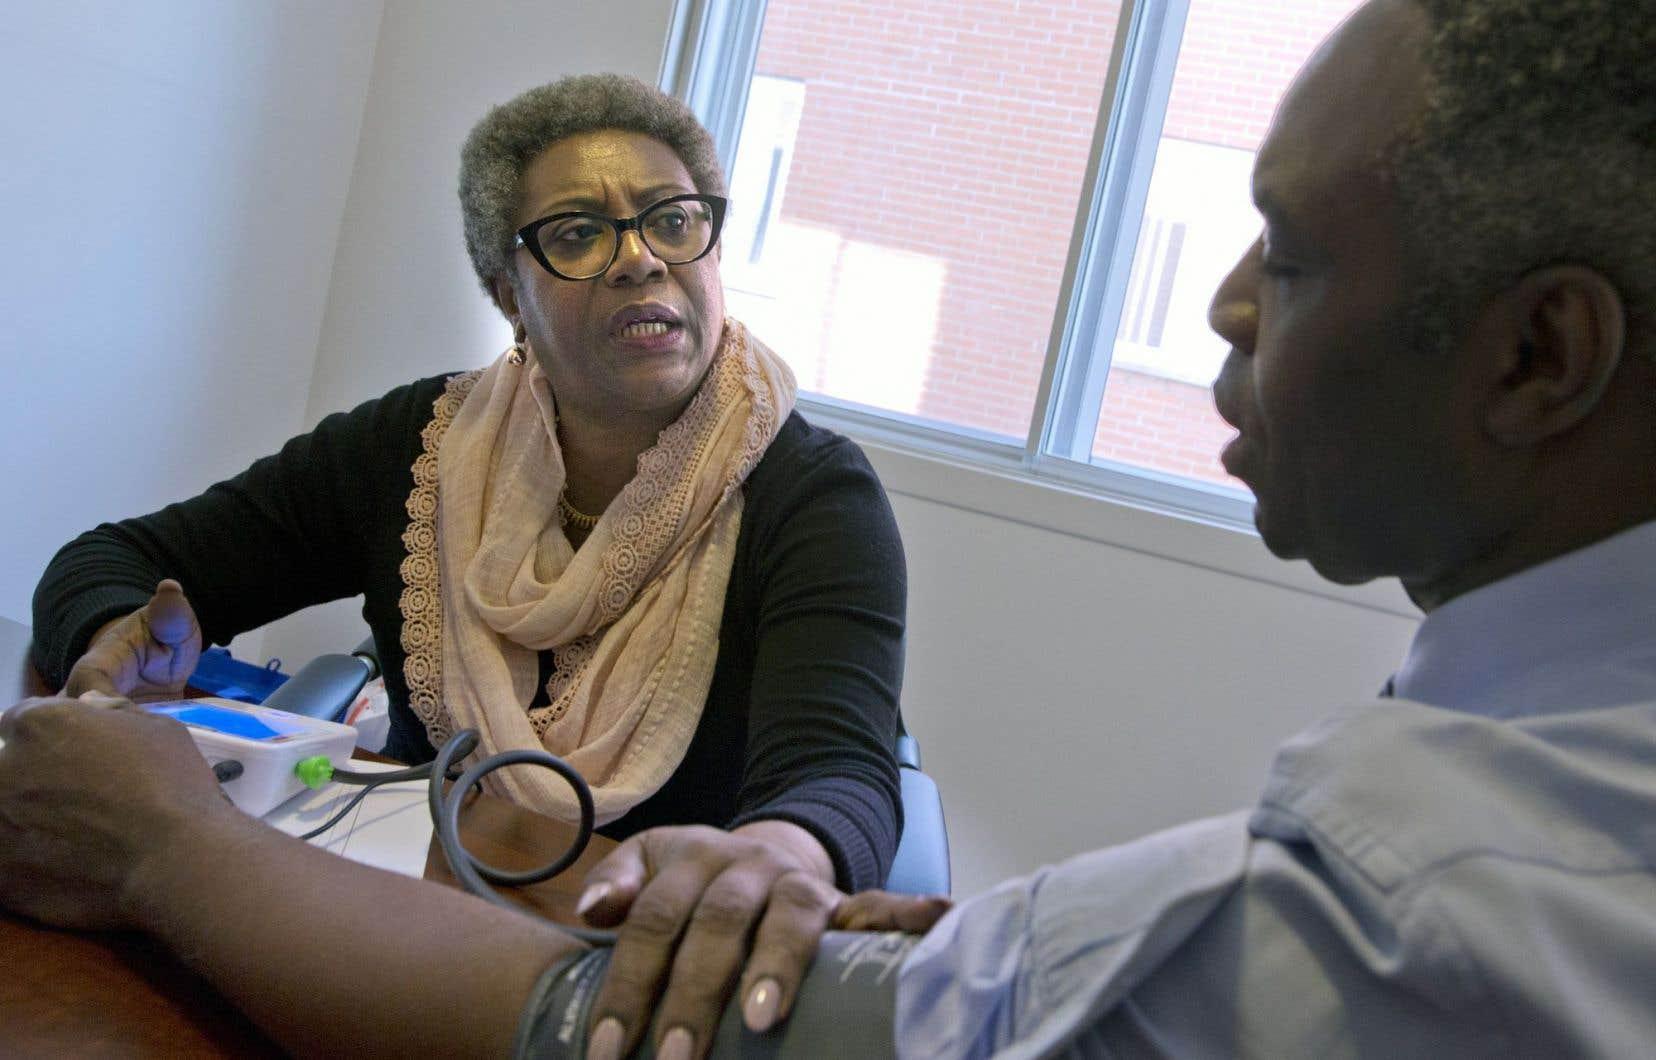 Régine Laurent, la présidente de la Fédération interprofessionnelle de la santé (FIQ), prenait des mesures de pression sanguine, vendredi.